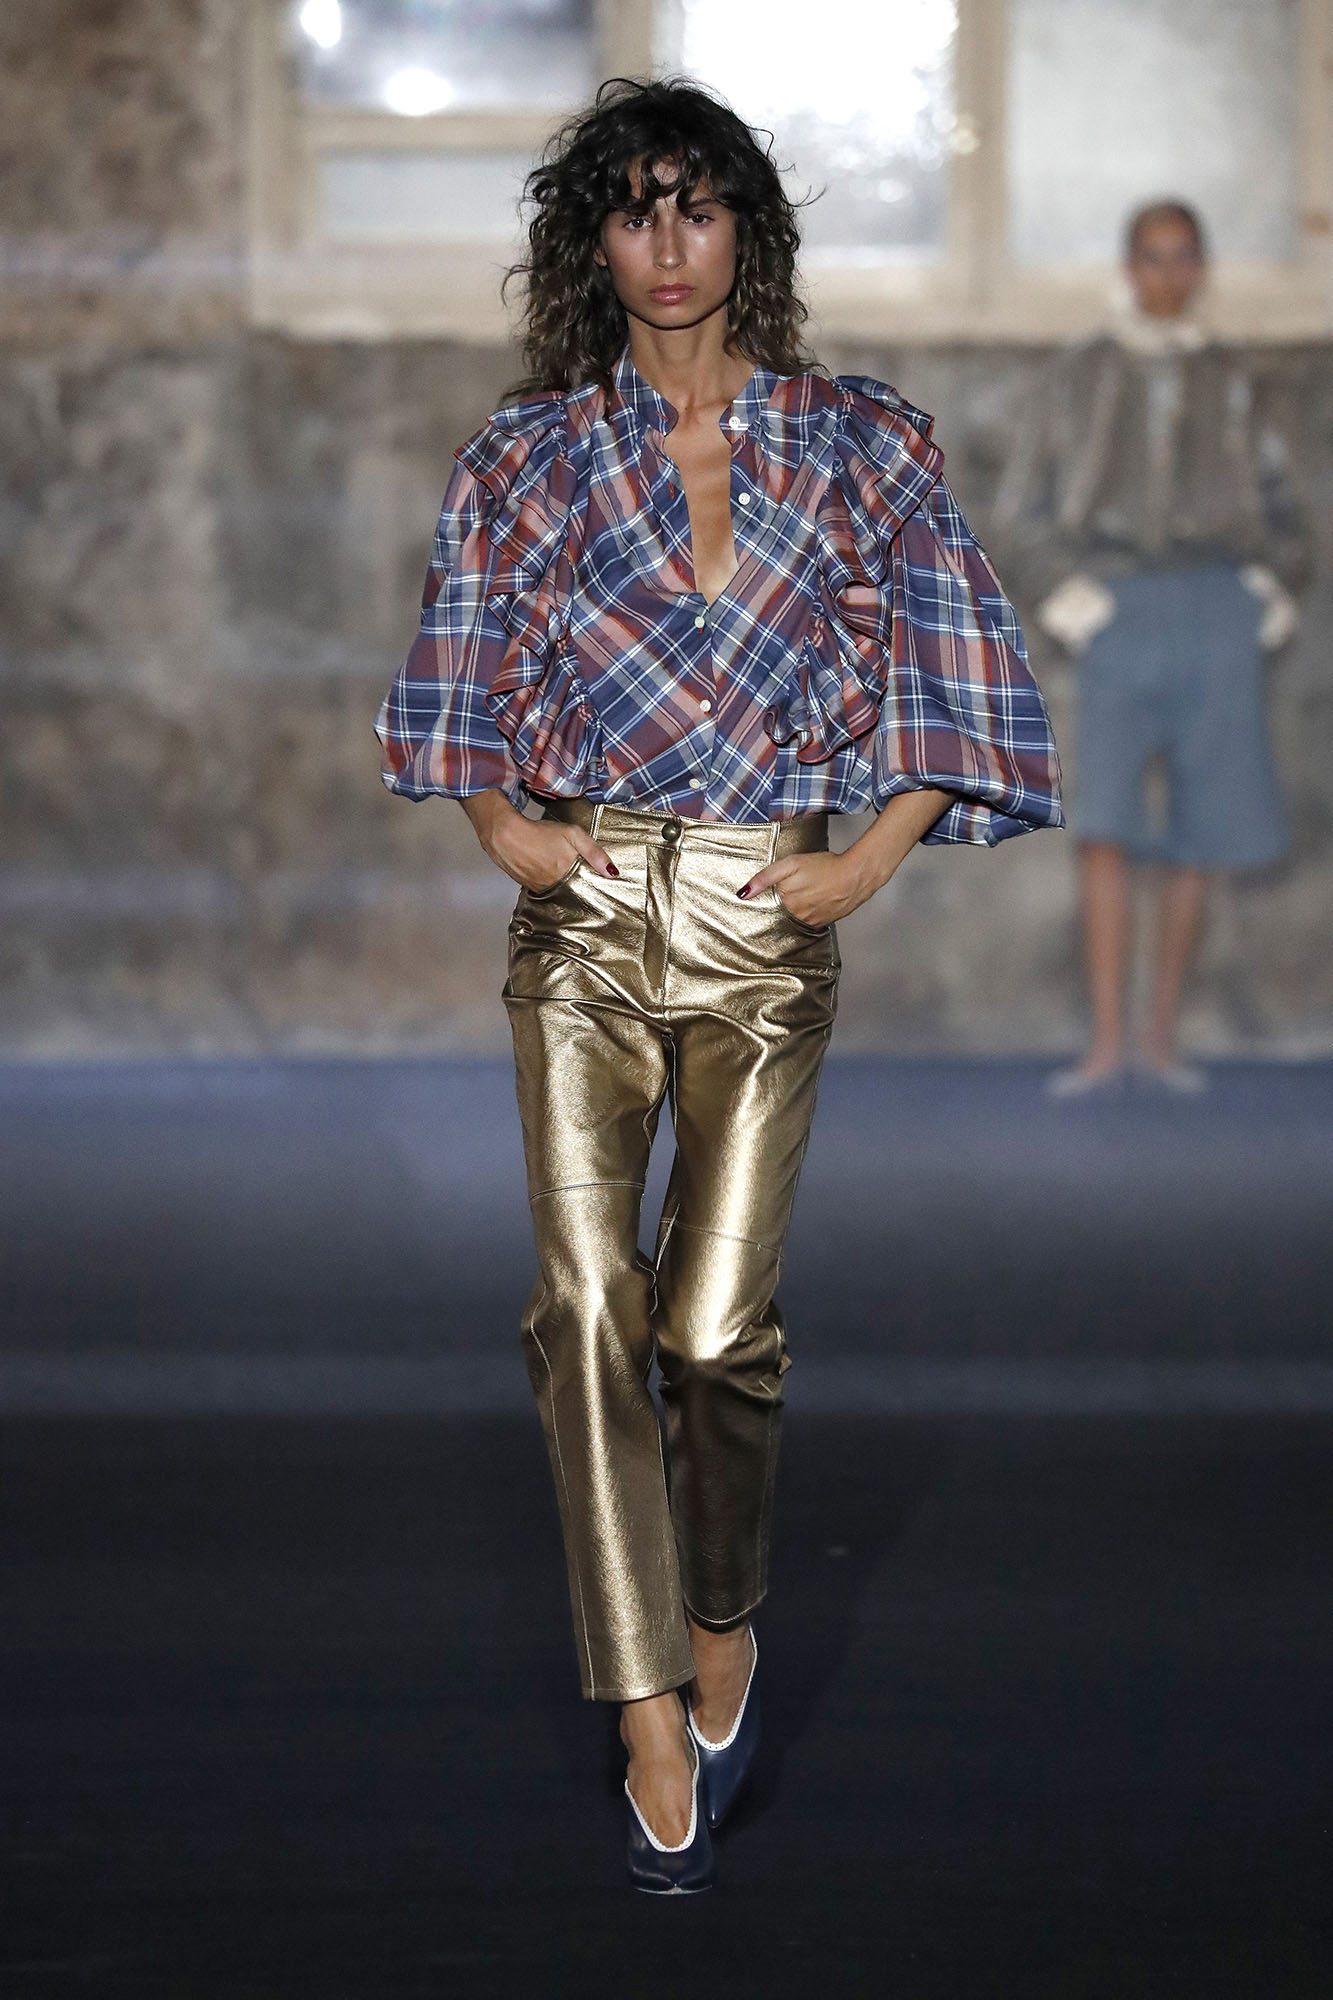 Galería de Imágenes 080 Barcelona Fashion